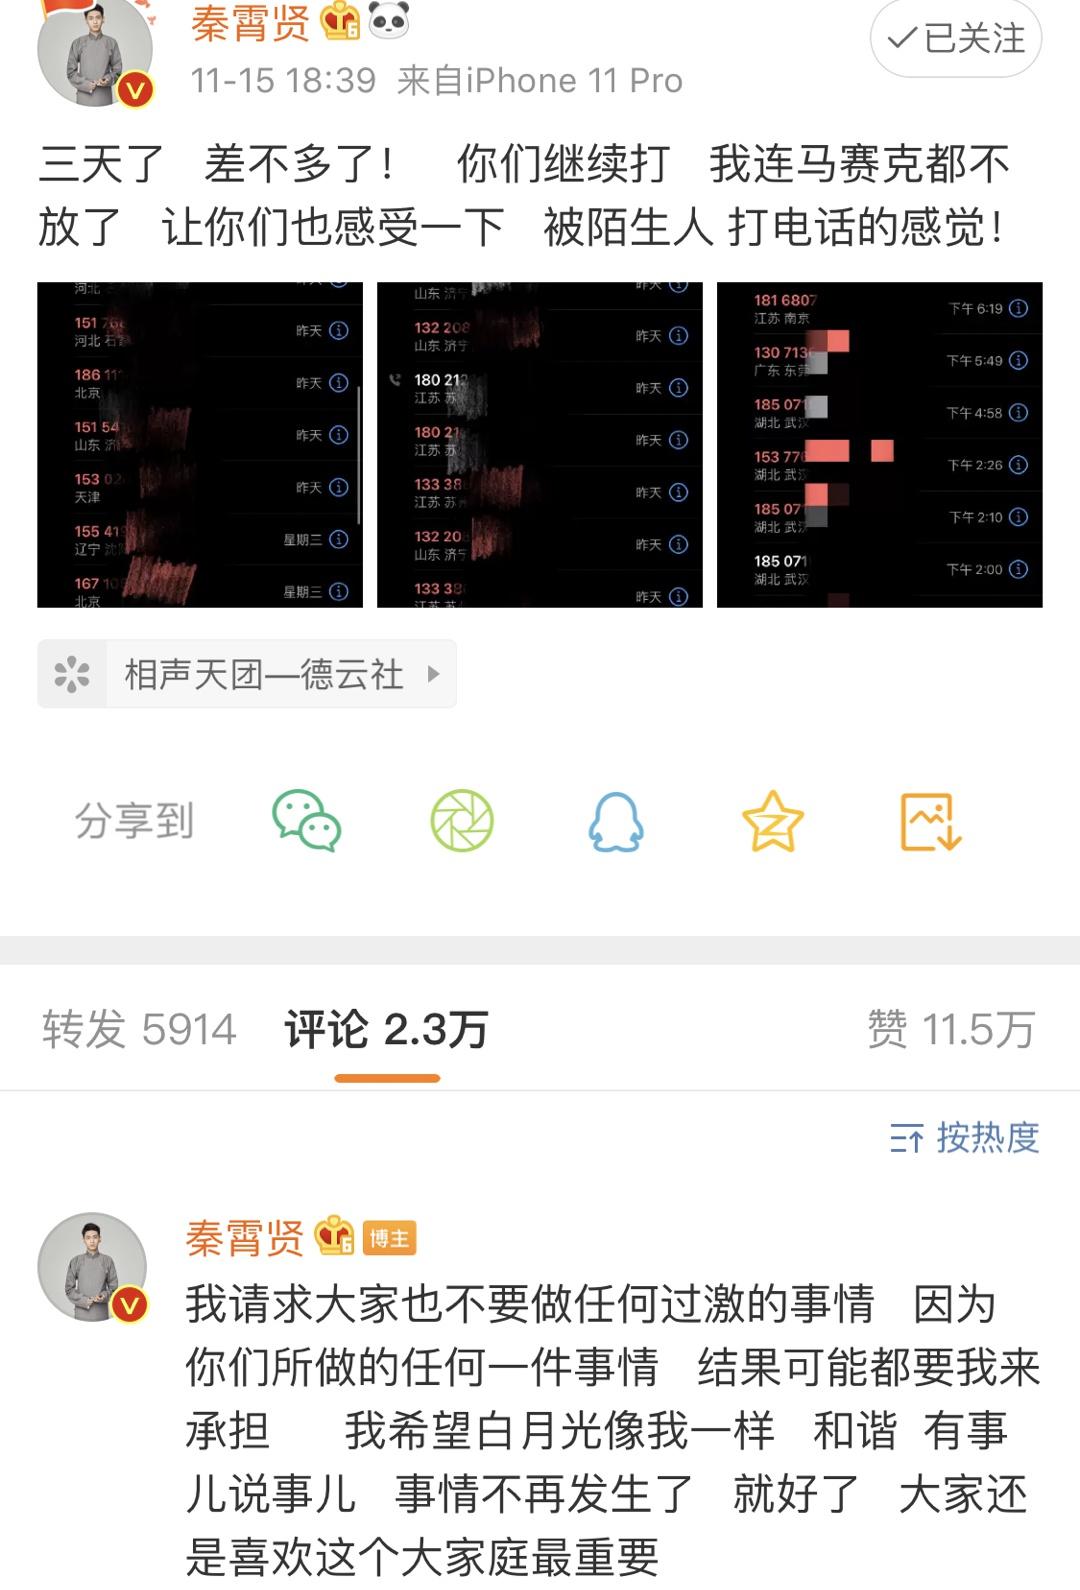 秦霄贤发微博表示被陌生电话骚扰三天了,并晒出通话记录。并说